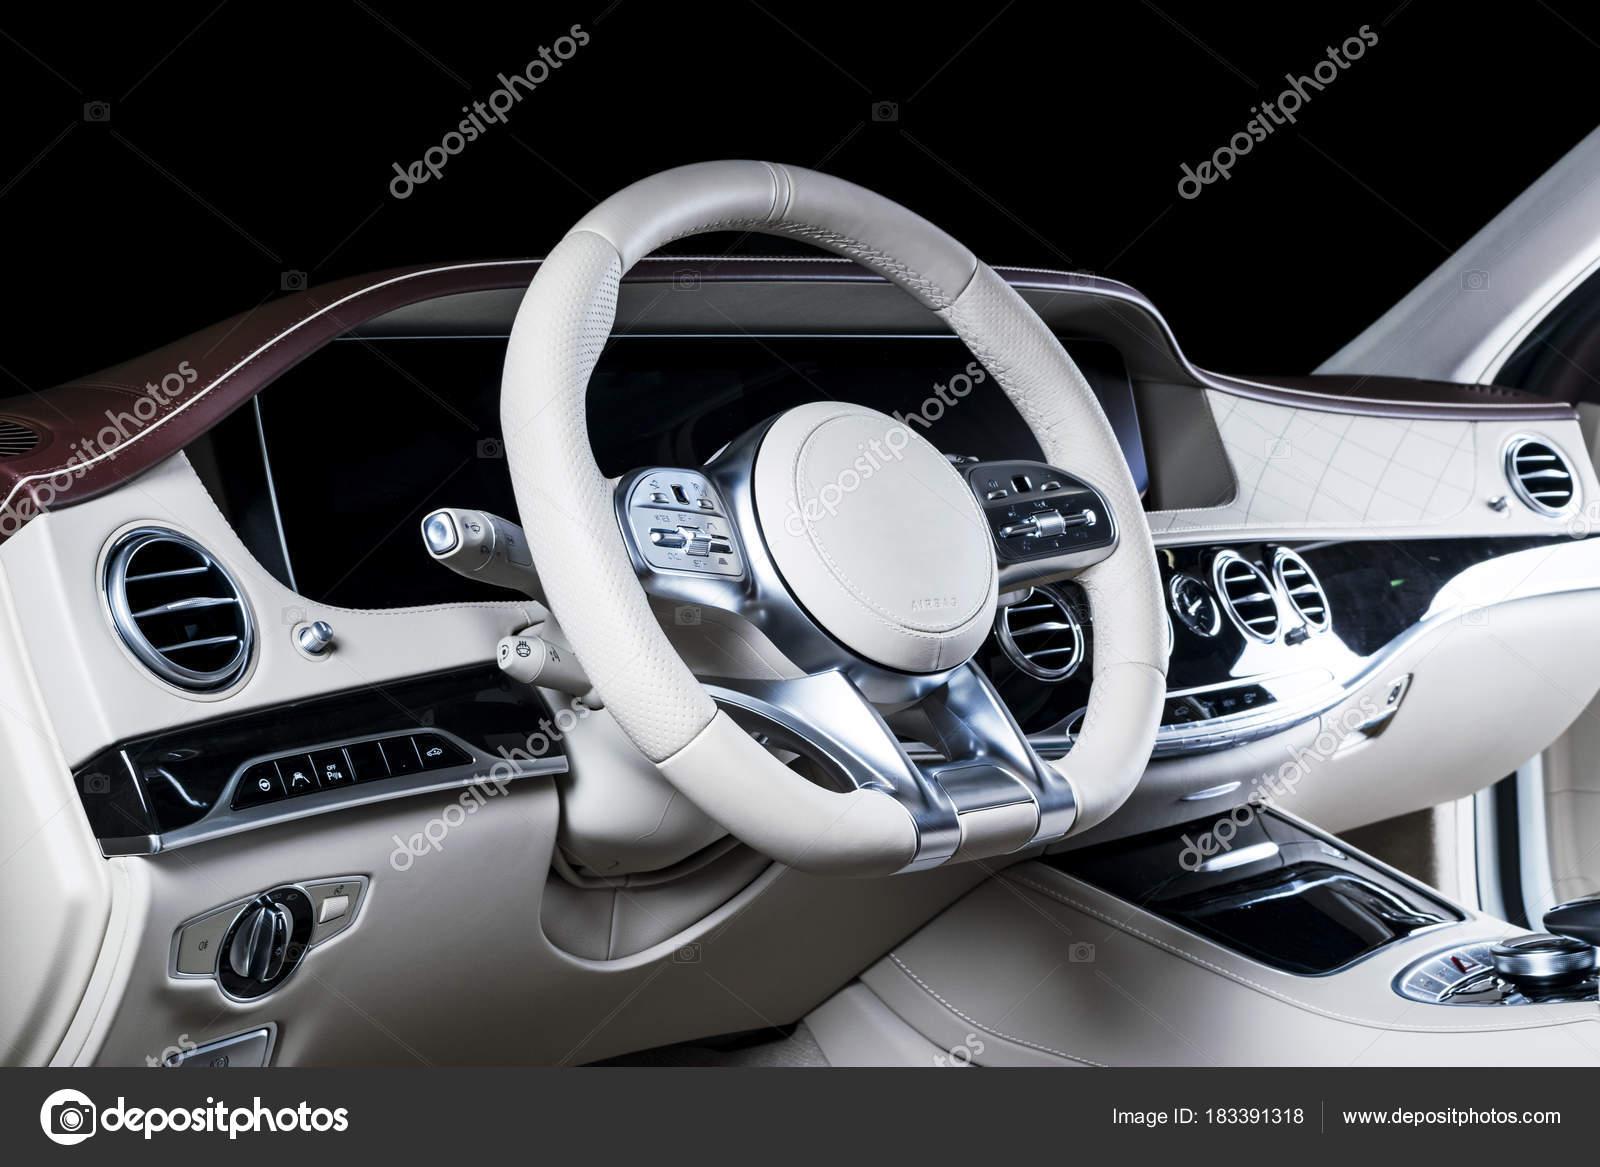 c510ac5639 Άνετα δερμάτινα καθίσματα. Κόκκινο και λευκό διάτρητο δέρμα πιλοτήριο.  Τιμόνι και το ταμπλό. ΑΥΤΟΜΑΤΩΝ μετατόπιση ραβδιών. Εσωτερικό αυτοκινήτου —  Εικόνα ...